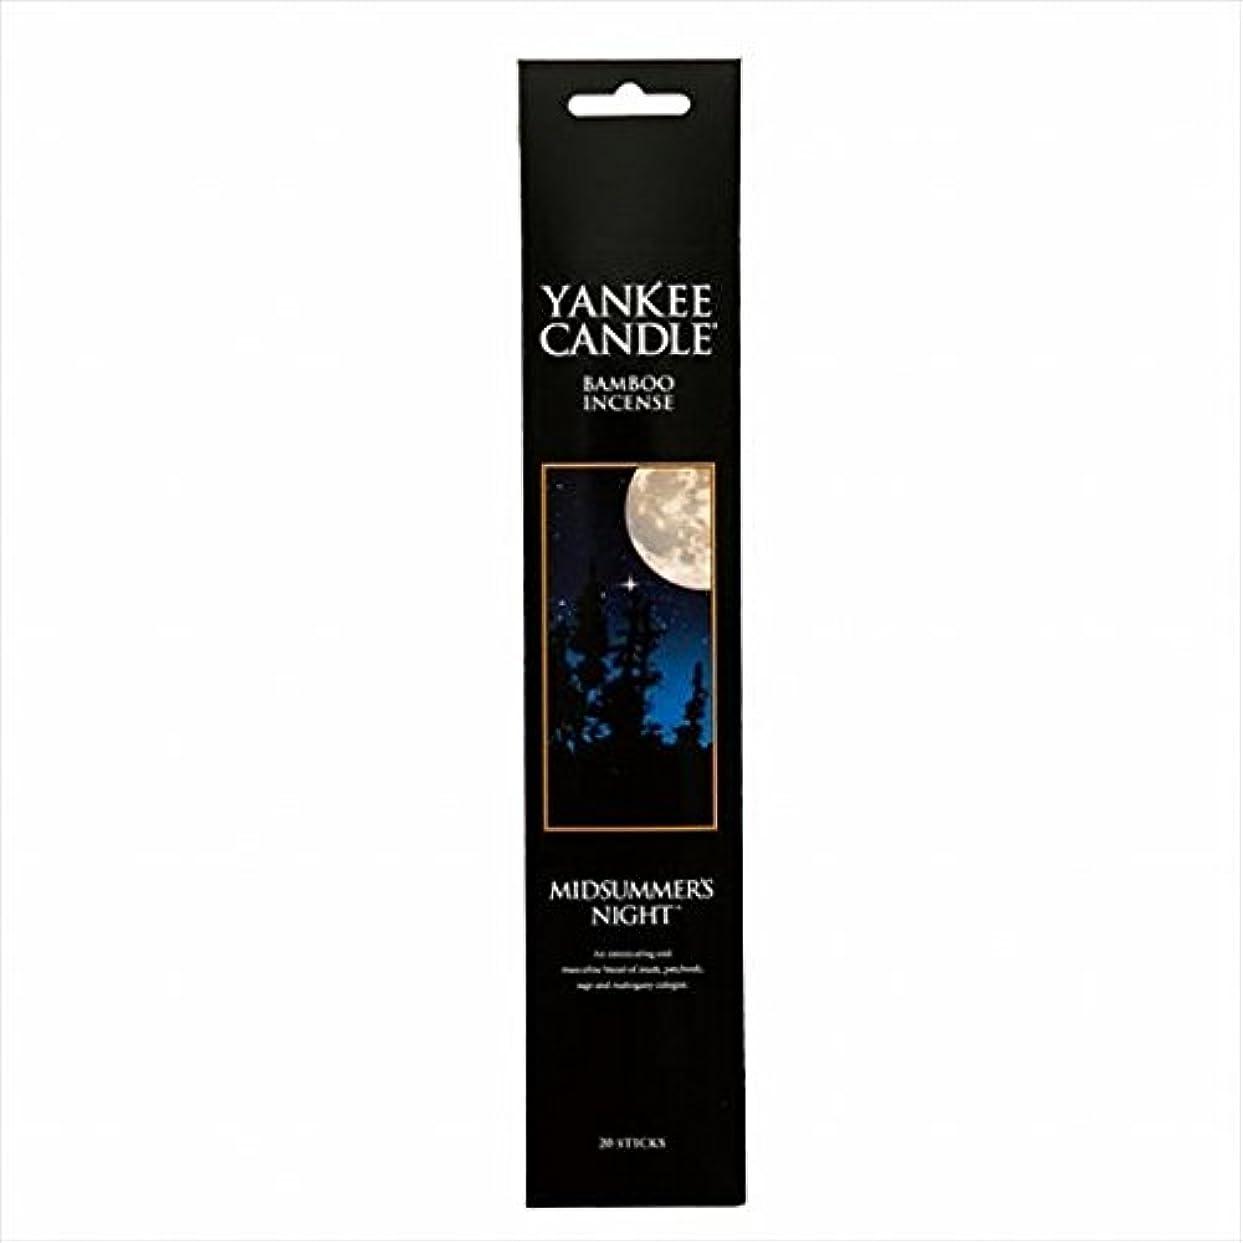 ファイアルクリエイティブ武器カメヤマキャンドル( kameyama candle ) YANKEE CANDLE バンブーインセンス 「 ミッドサマーズナイト 」